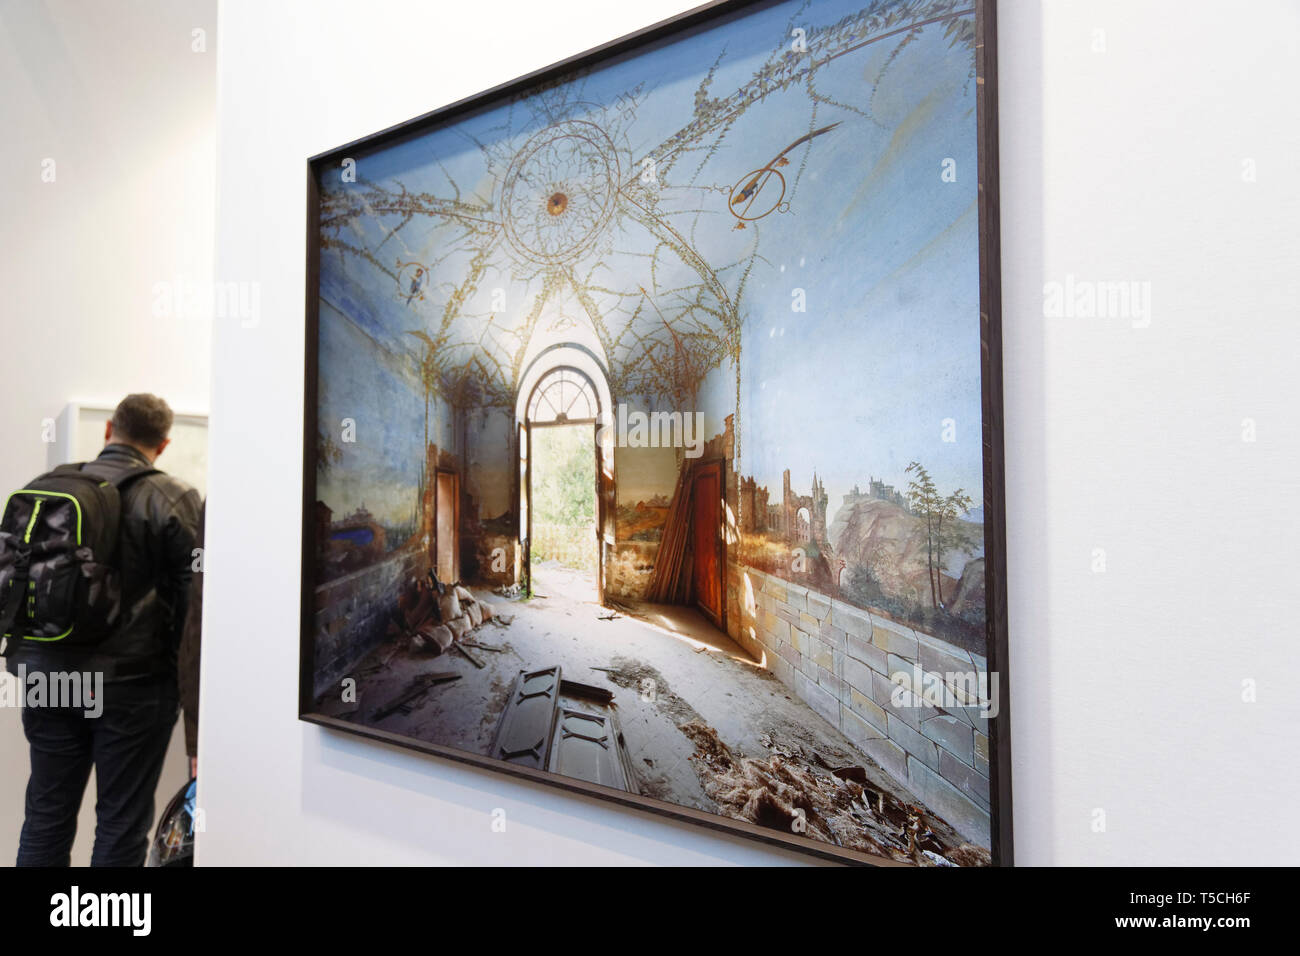 Paris, France. 3th April, 2019. Thomas Jorion exibited at Paris Art Fair, Paris, 2019, France. Credit: Veronique Phitoussi/Alamy Stock Photo Stock Photo